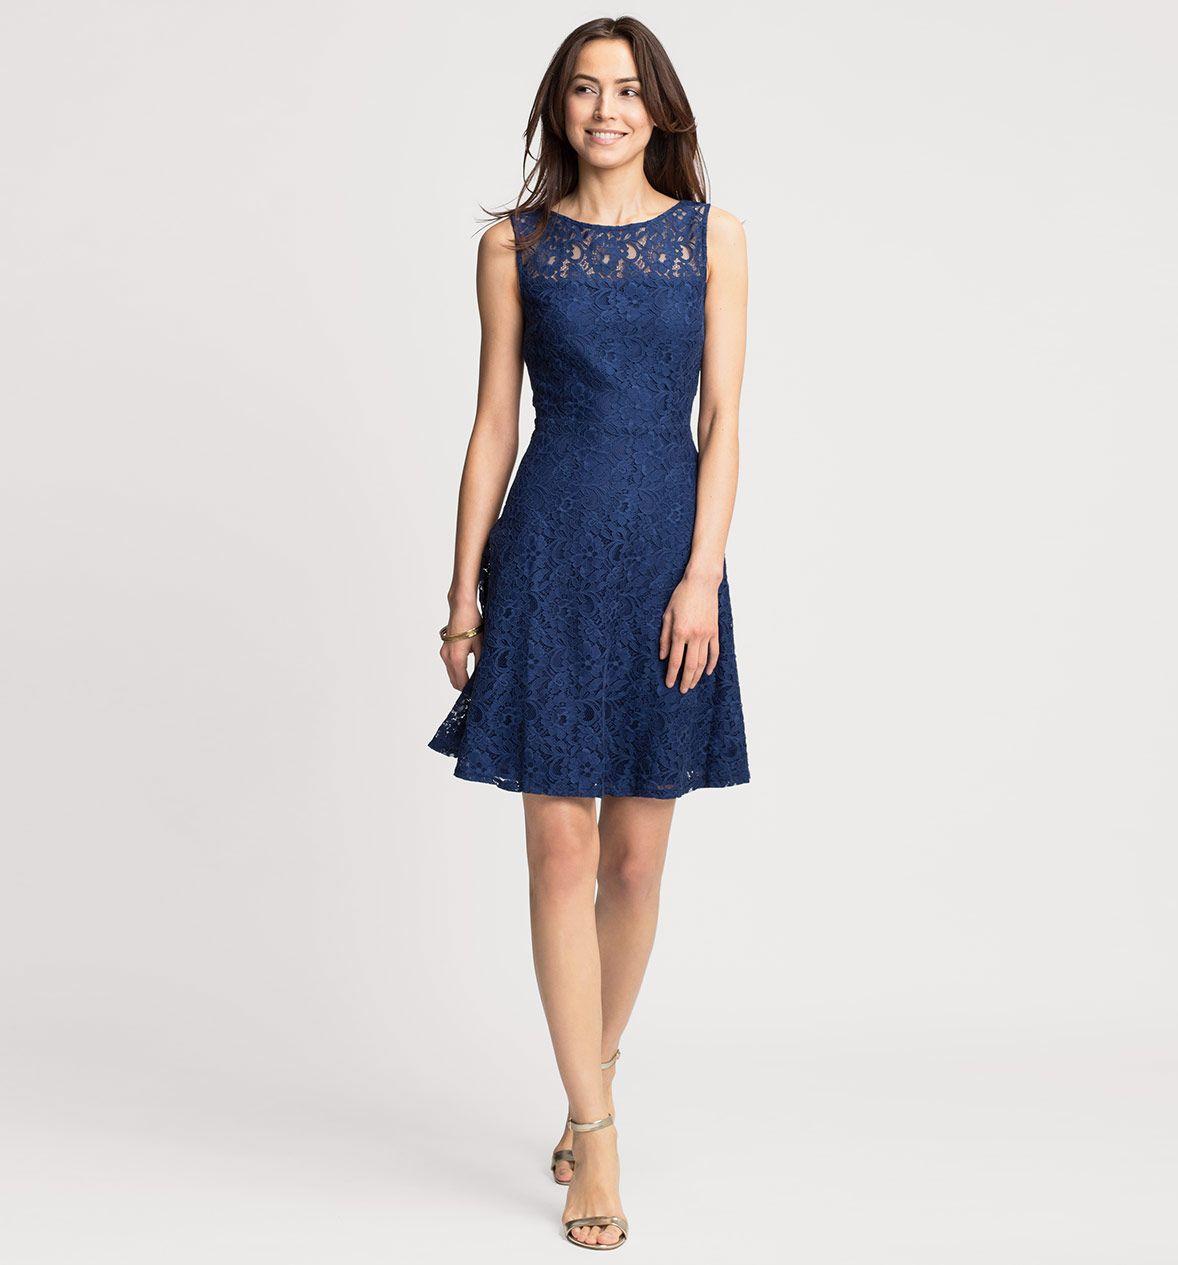 Ausgestelltes Kleid Aus Spitze In Dunkelblau Kleid Spitze Mode Modestil